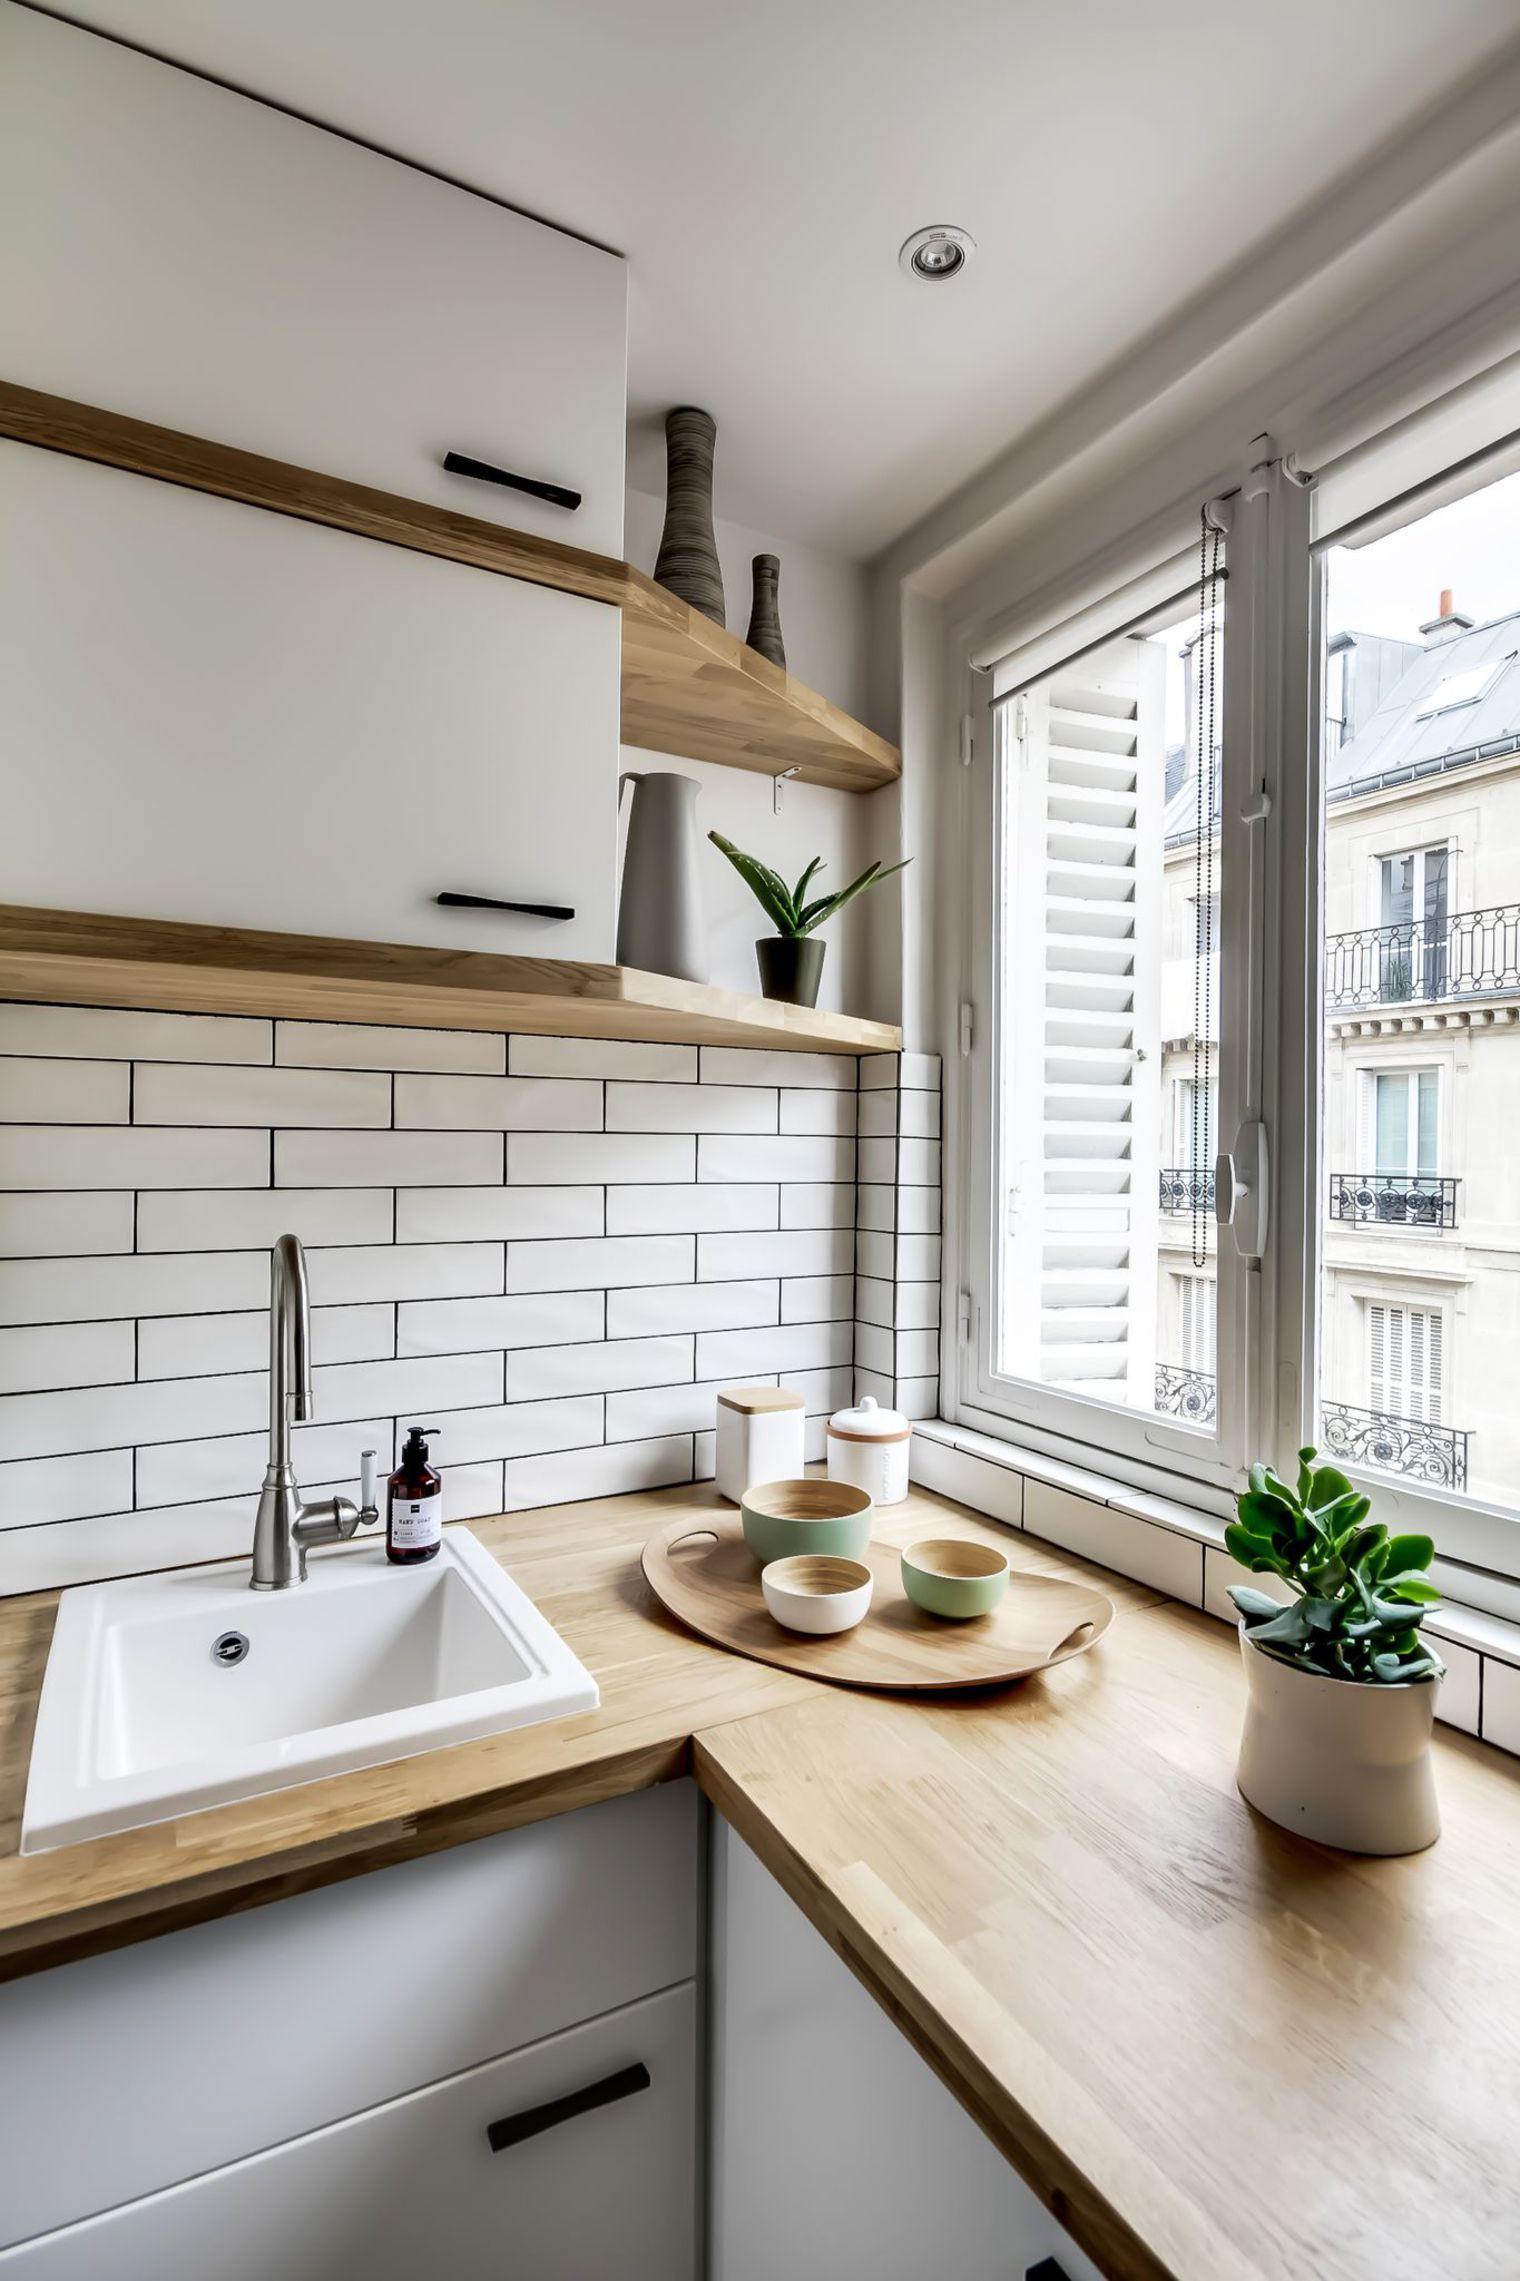 Sau cải tạo, căn hộ 38m² đẹp hoàn hảo mọi góc nhìn   - Ảnh 7.